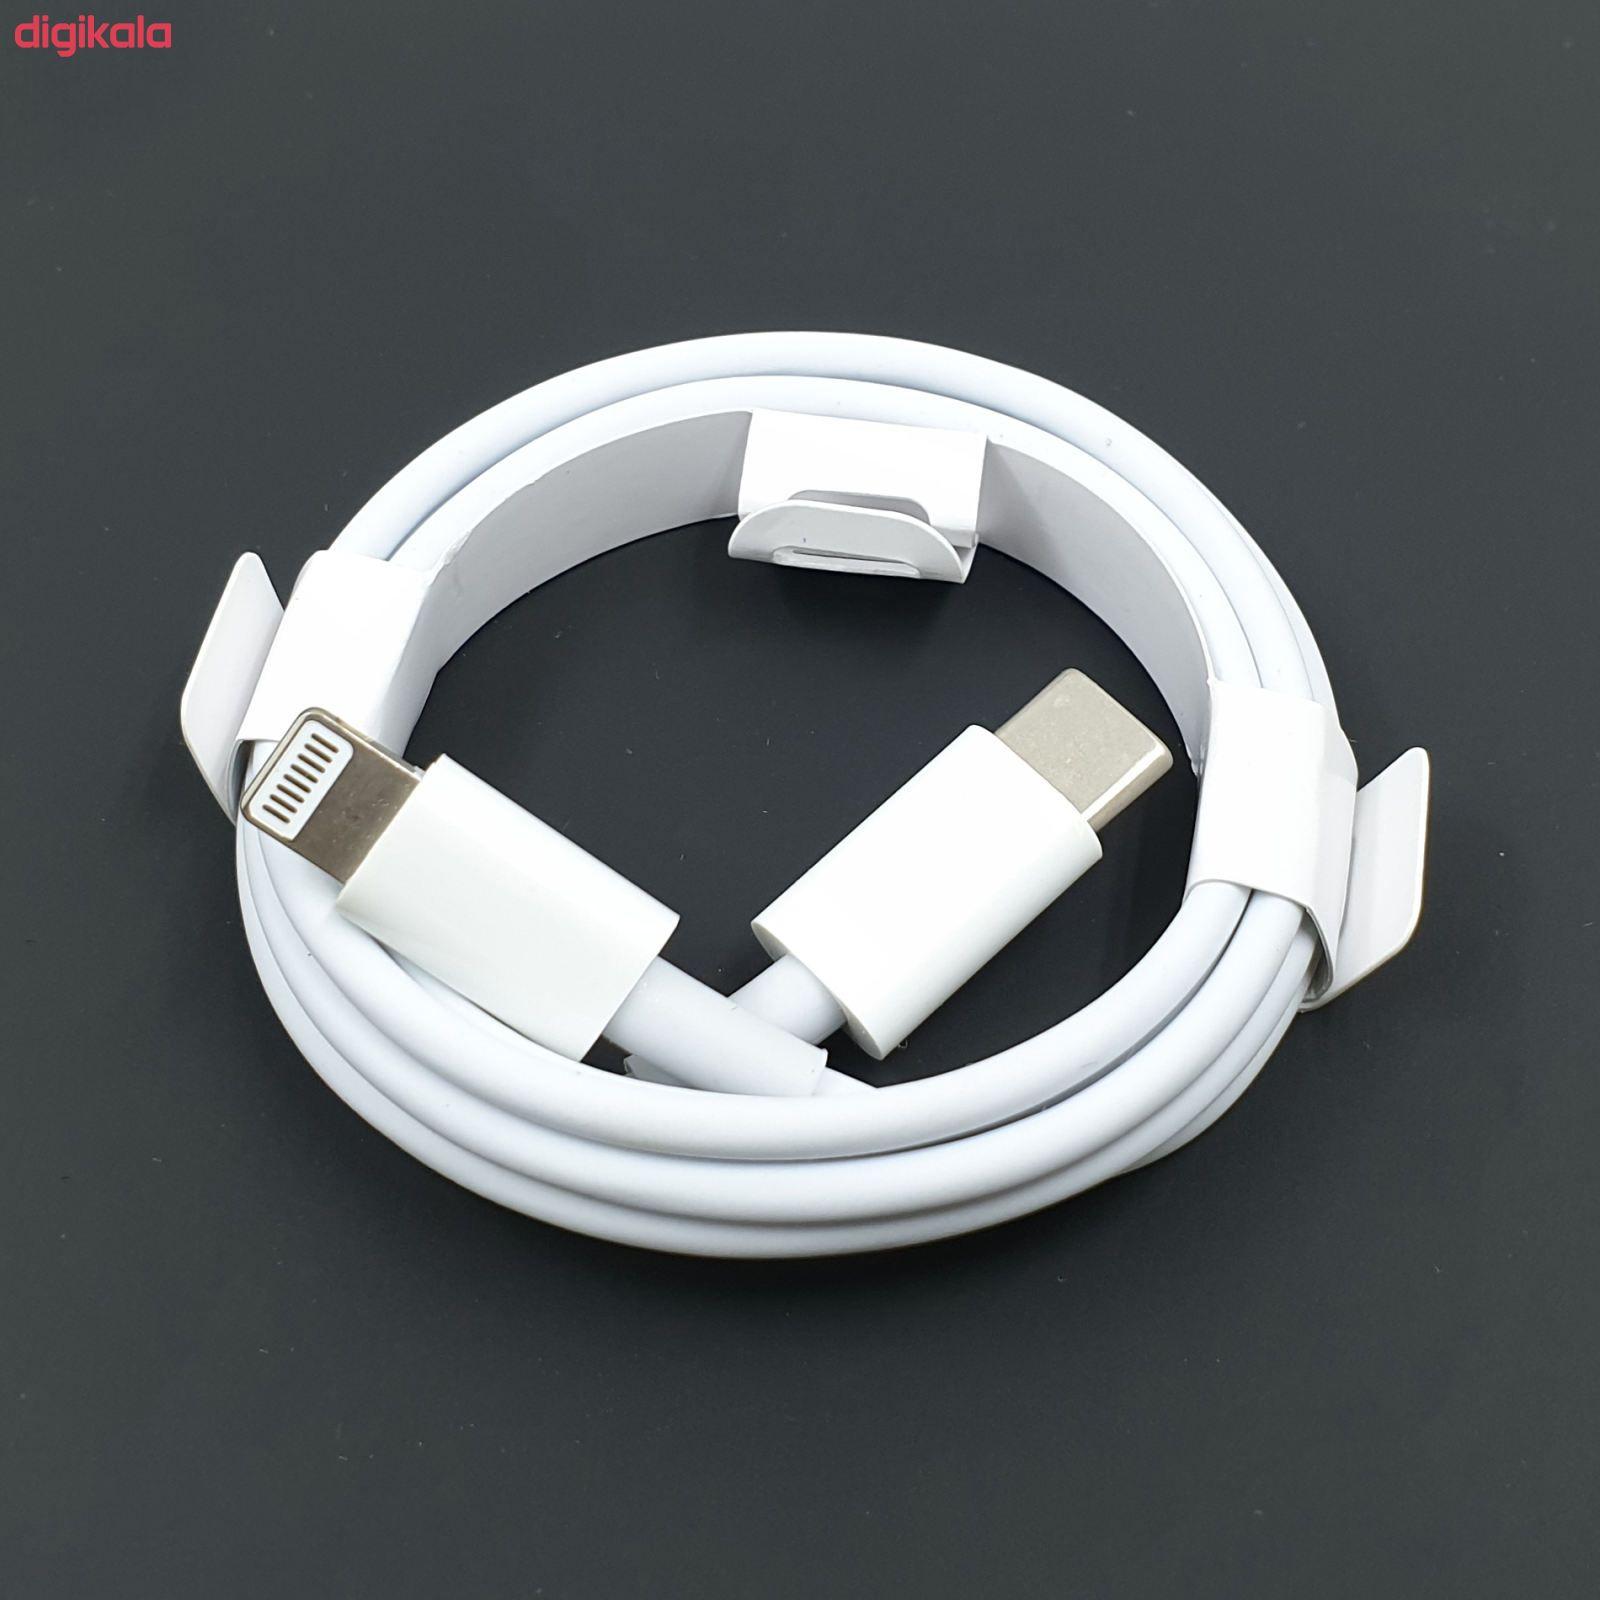 کابل تبدیل USB-C به لایتنینگ مدل MK0X2FE/A A1656 طول 1 متر main 1 5